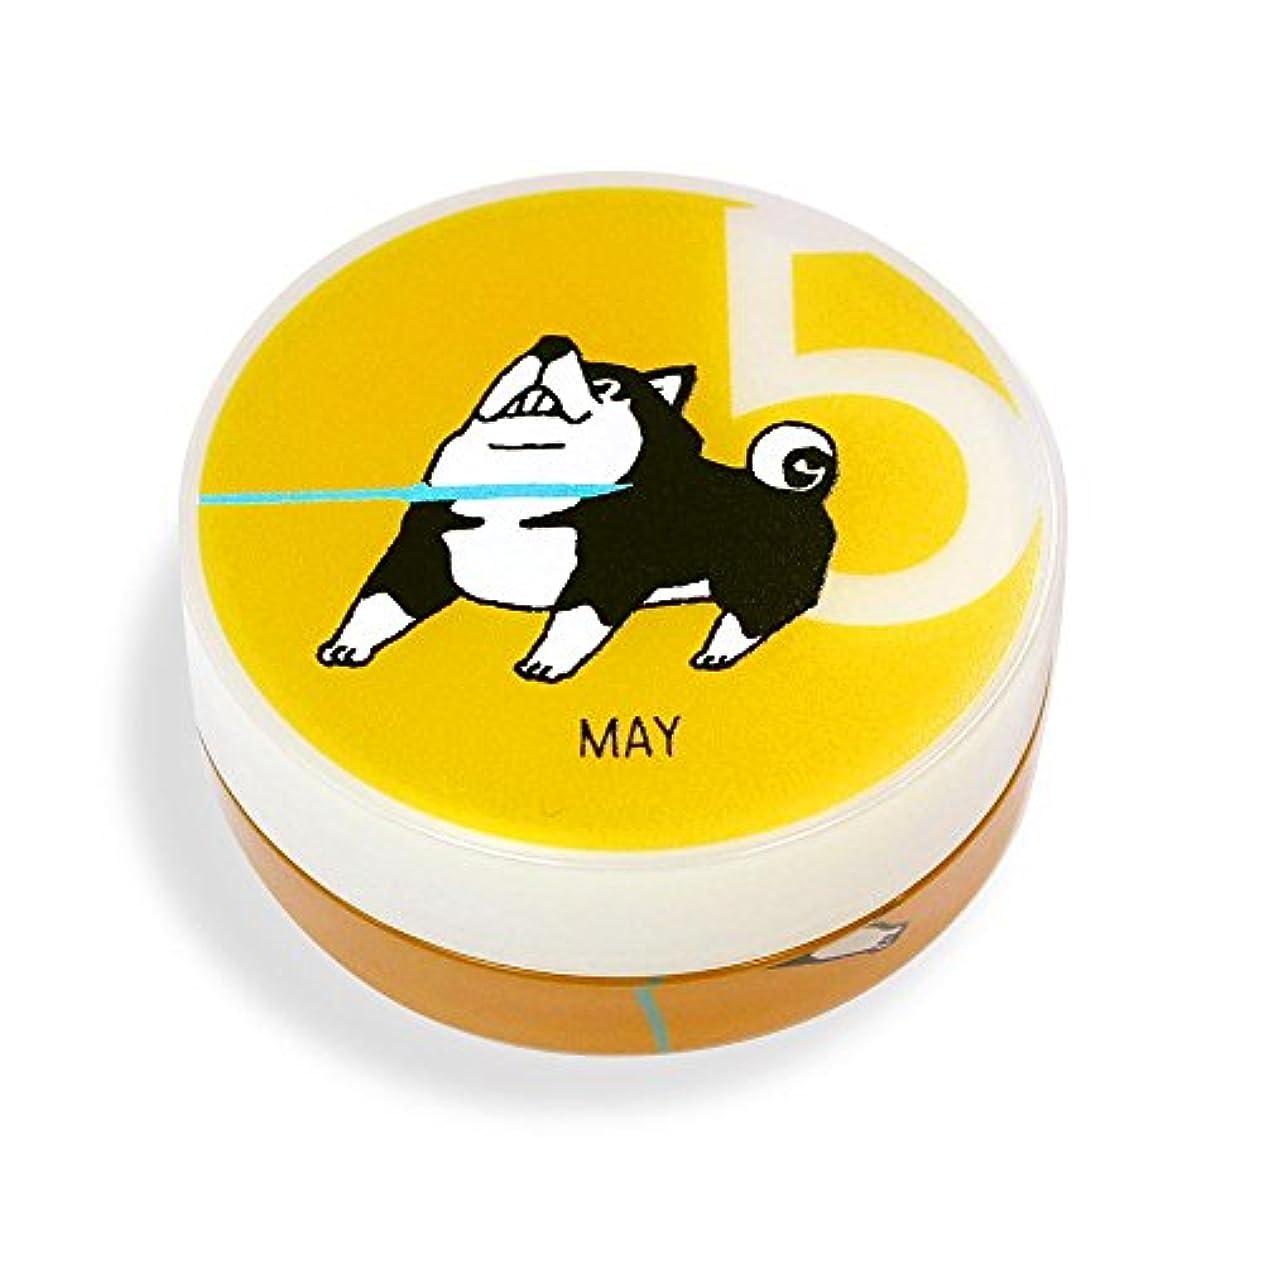 狂う芽眠っているしばんばん フルプルクリーム 誕生月シリーズ 5月 20g